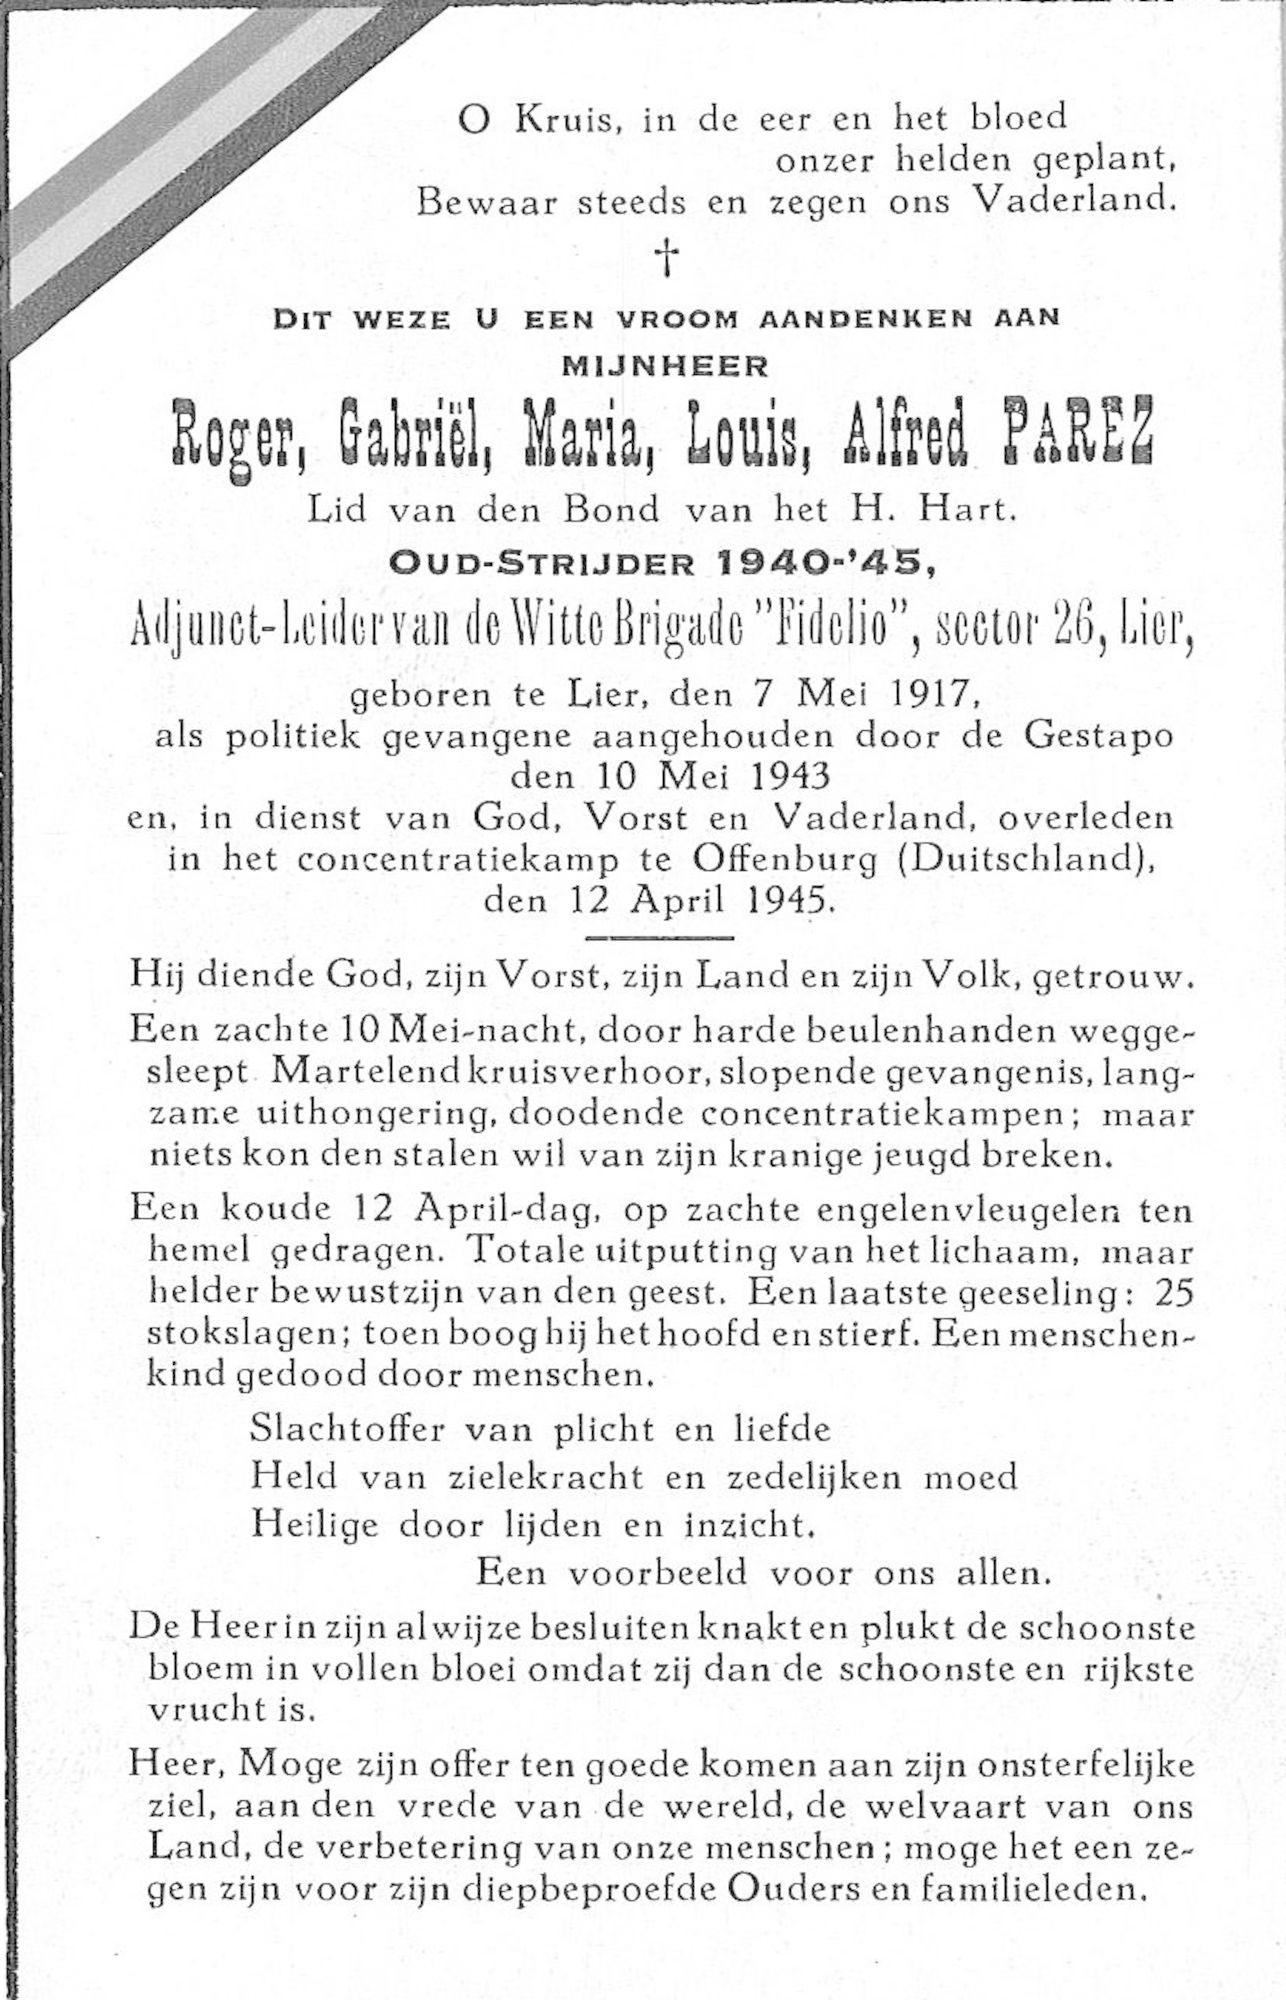 Parez Roger-Gabriël-Maria-Louis-Alfred